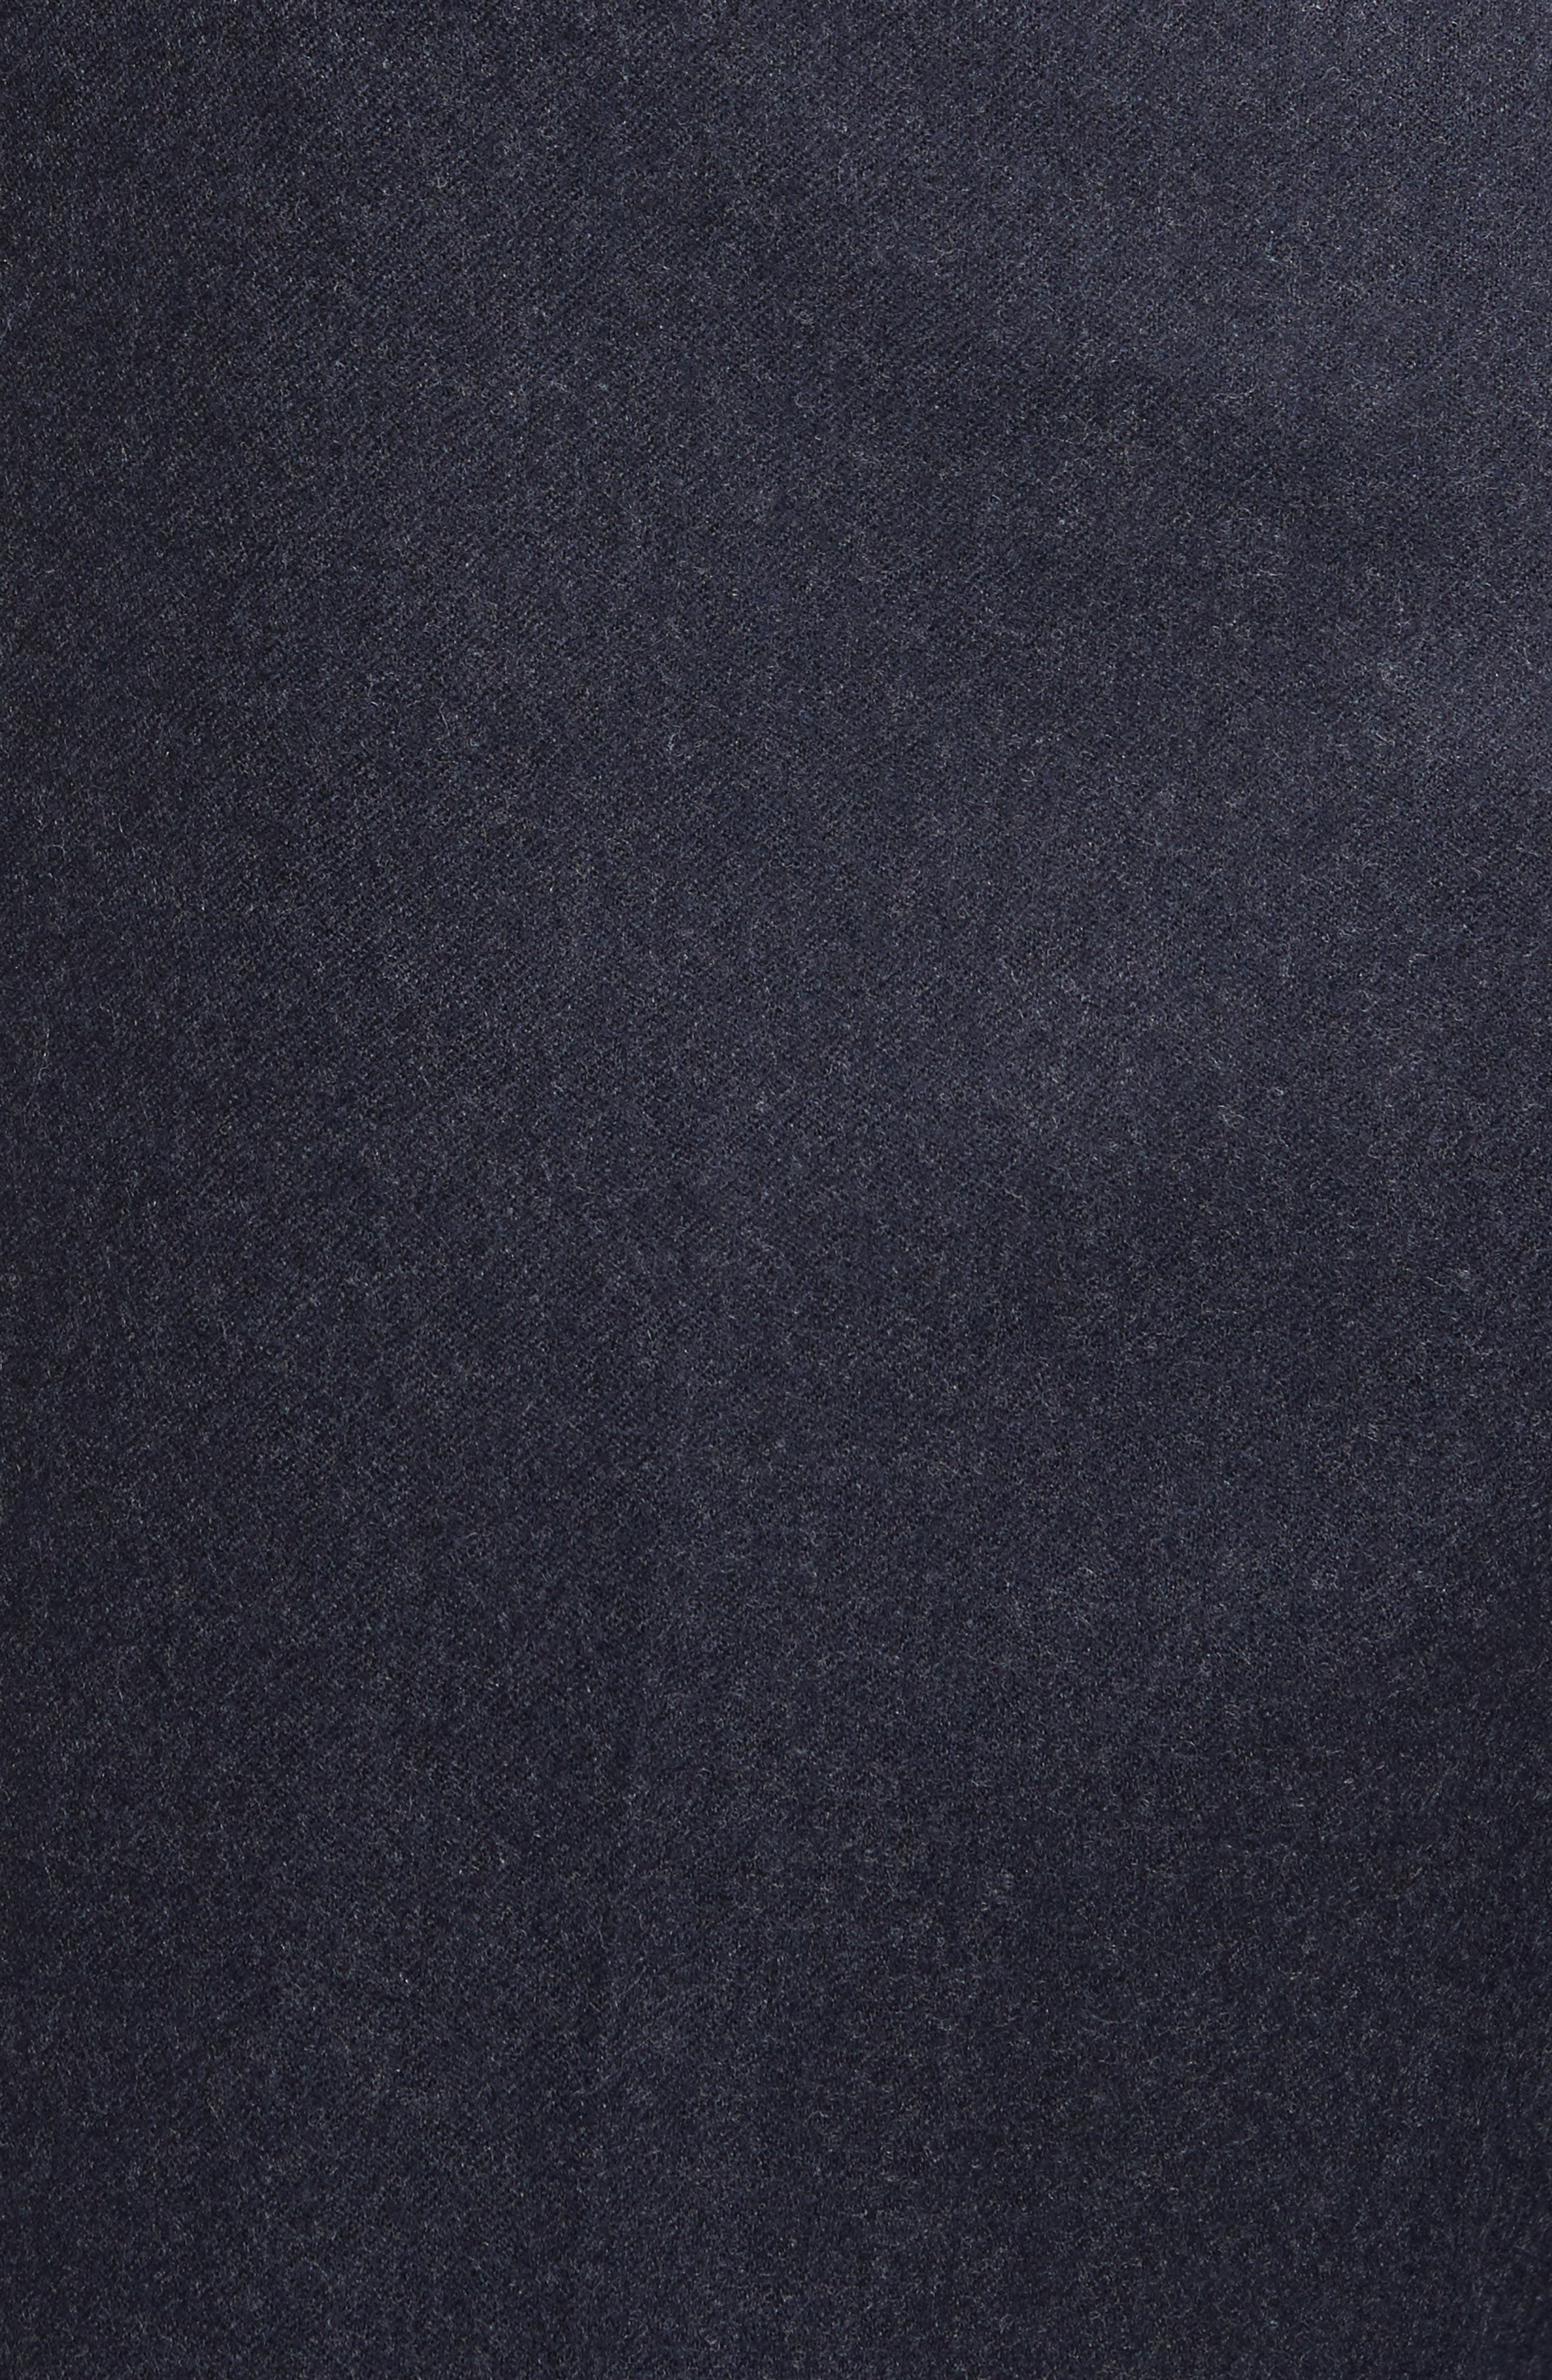 Alternate Image 2  - Zanella Devon Flat Front Solid Wool Trousers